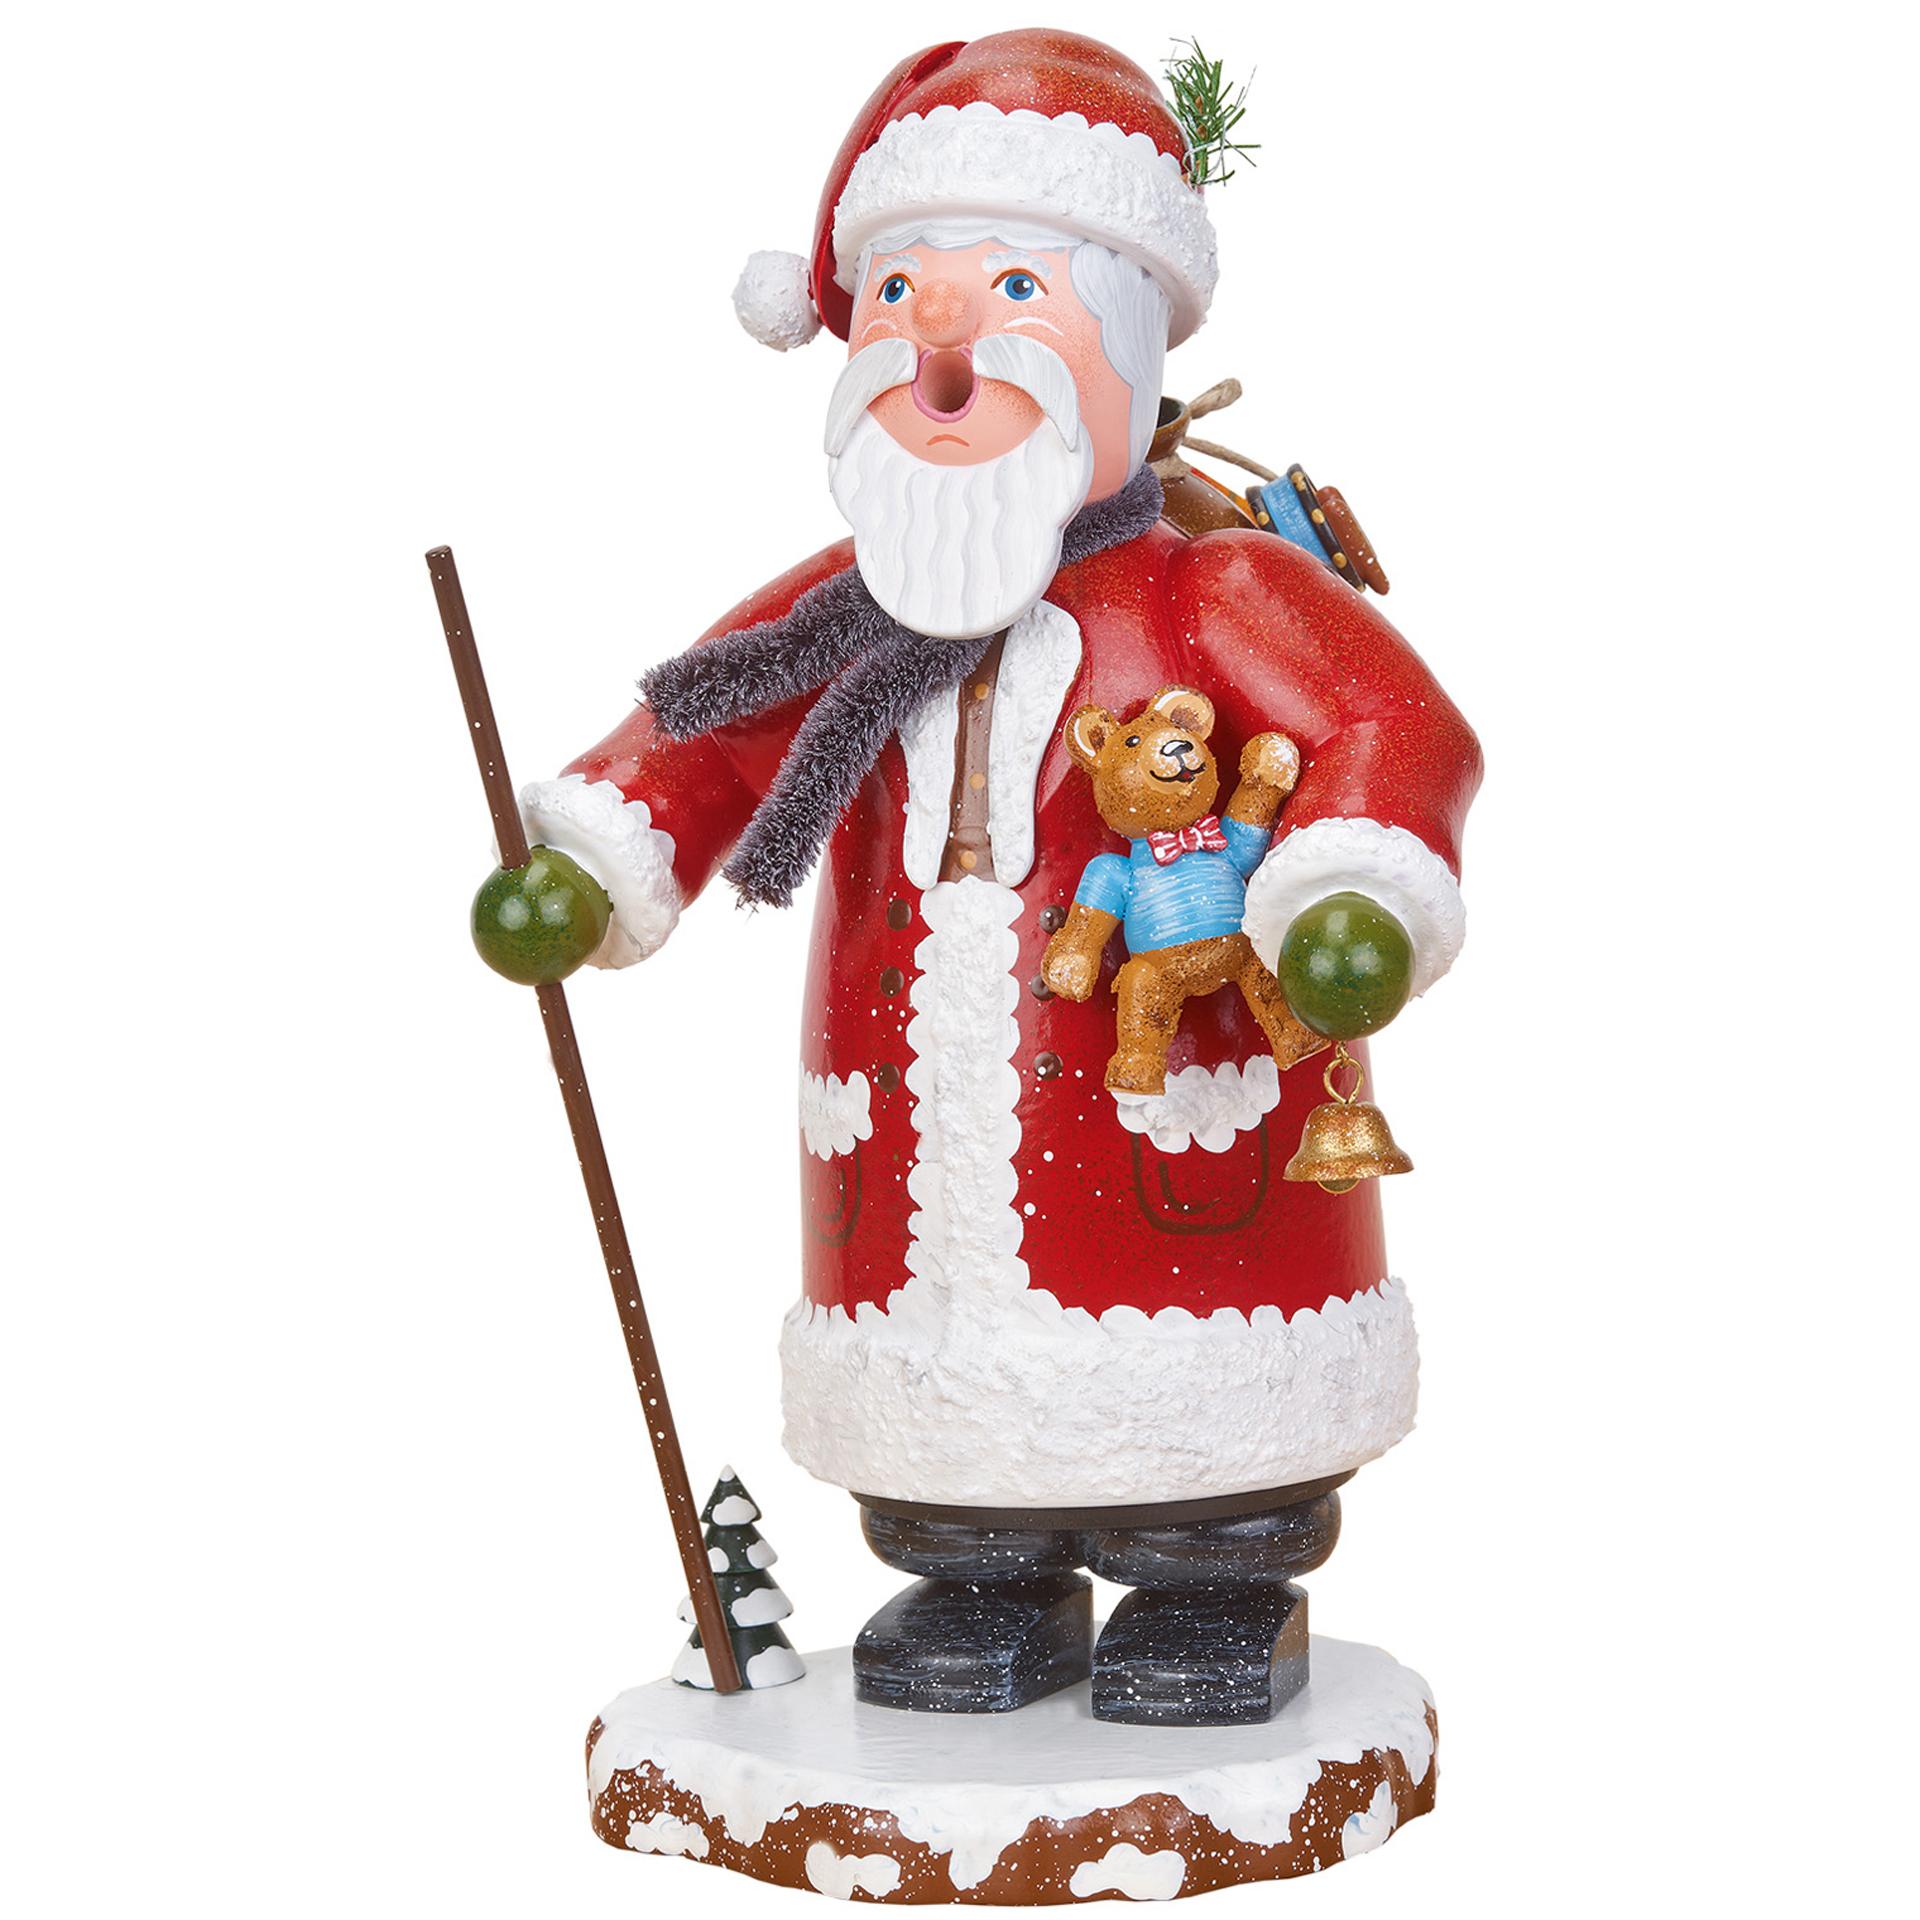 Rauchfigur Winterkinder Weihnachtsmann